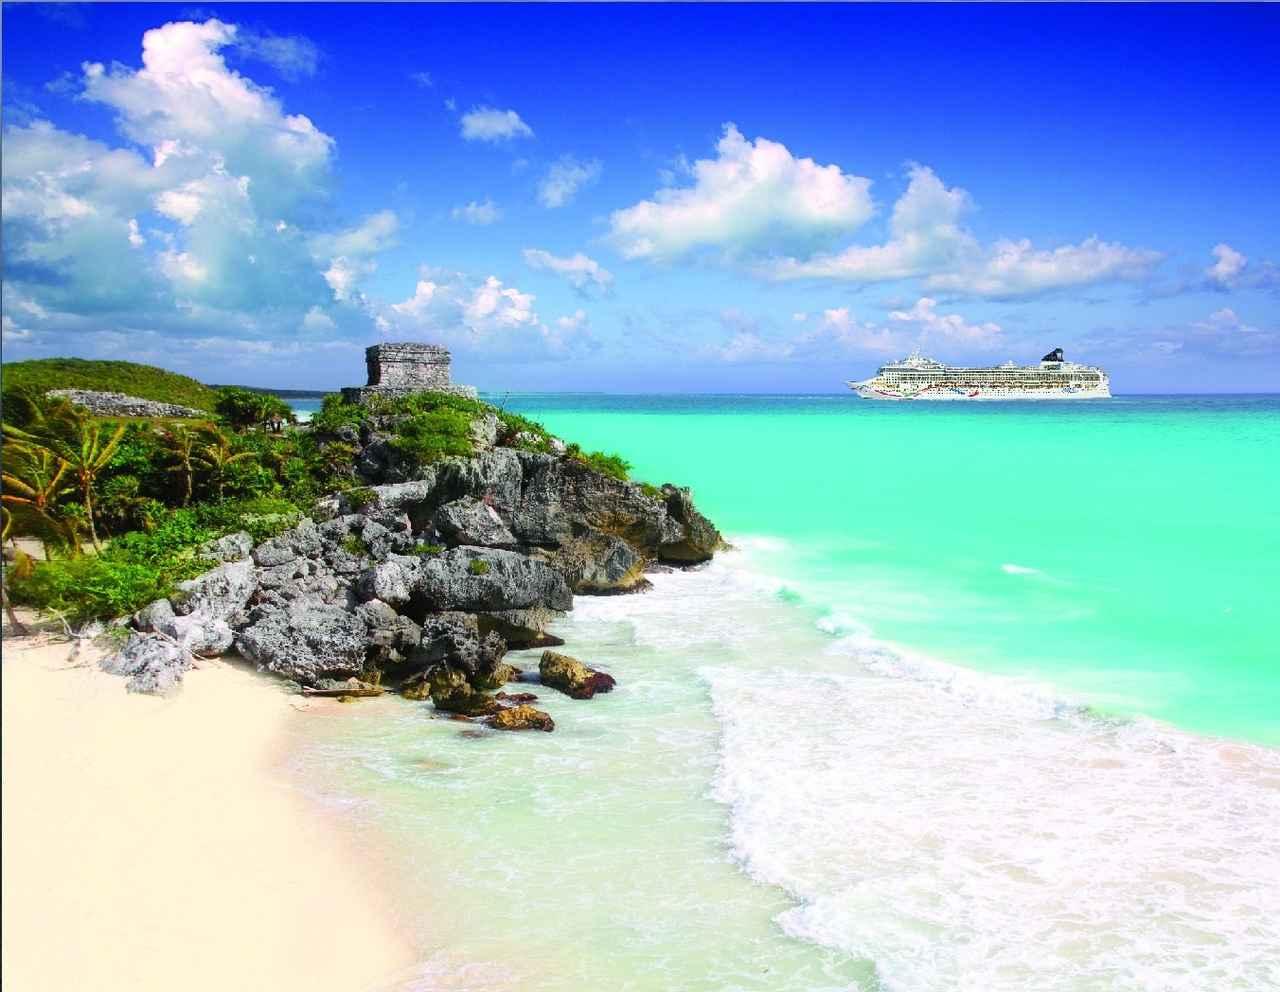 画像: キューバ・中米諸国とコロンビア旅行・ツアー クラブツーリズム